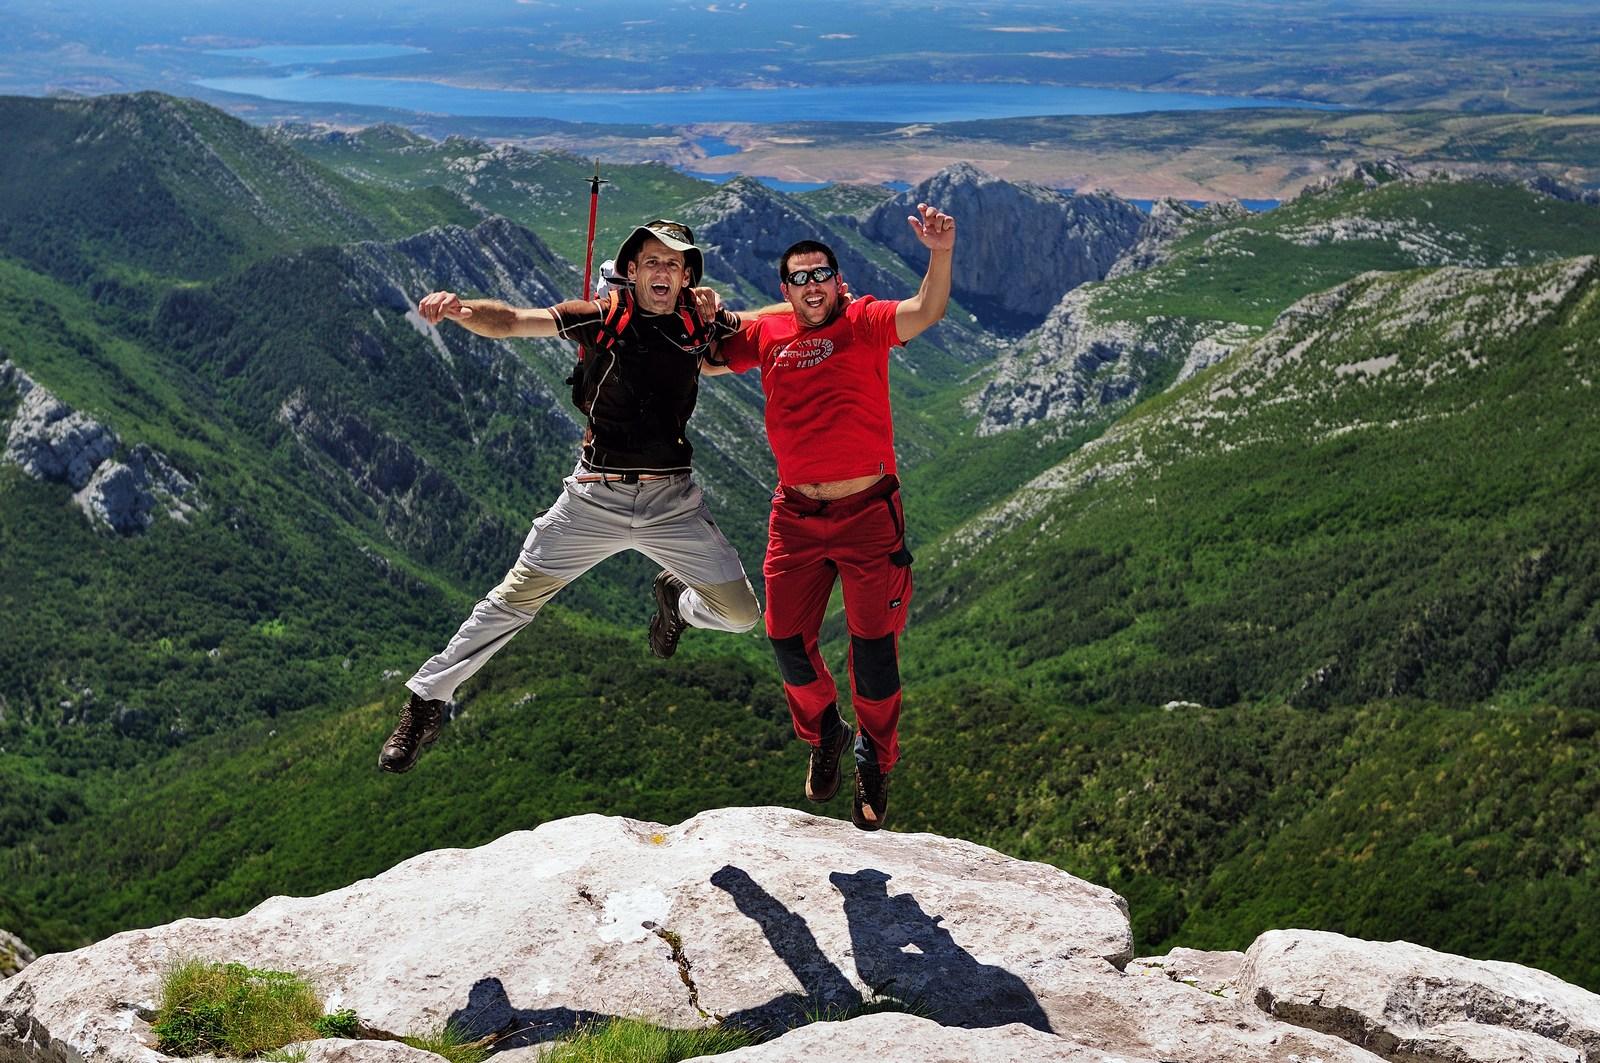 V Paklenici je raj za plezalce. Za amaterje ali izkušene plezalne mačke. Foto: HTZ in Aleksandar Gospić.